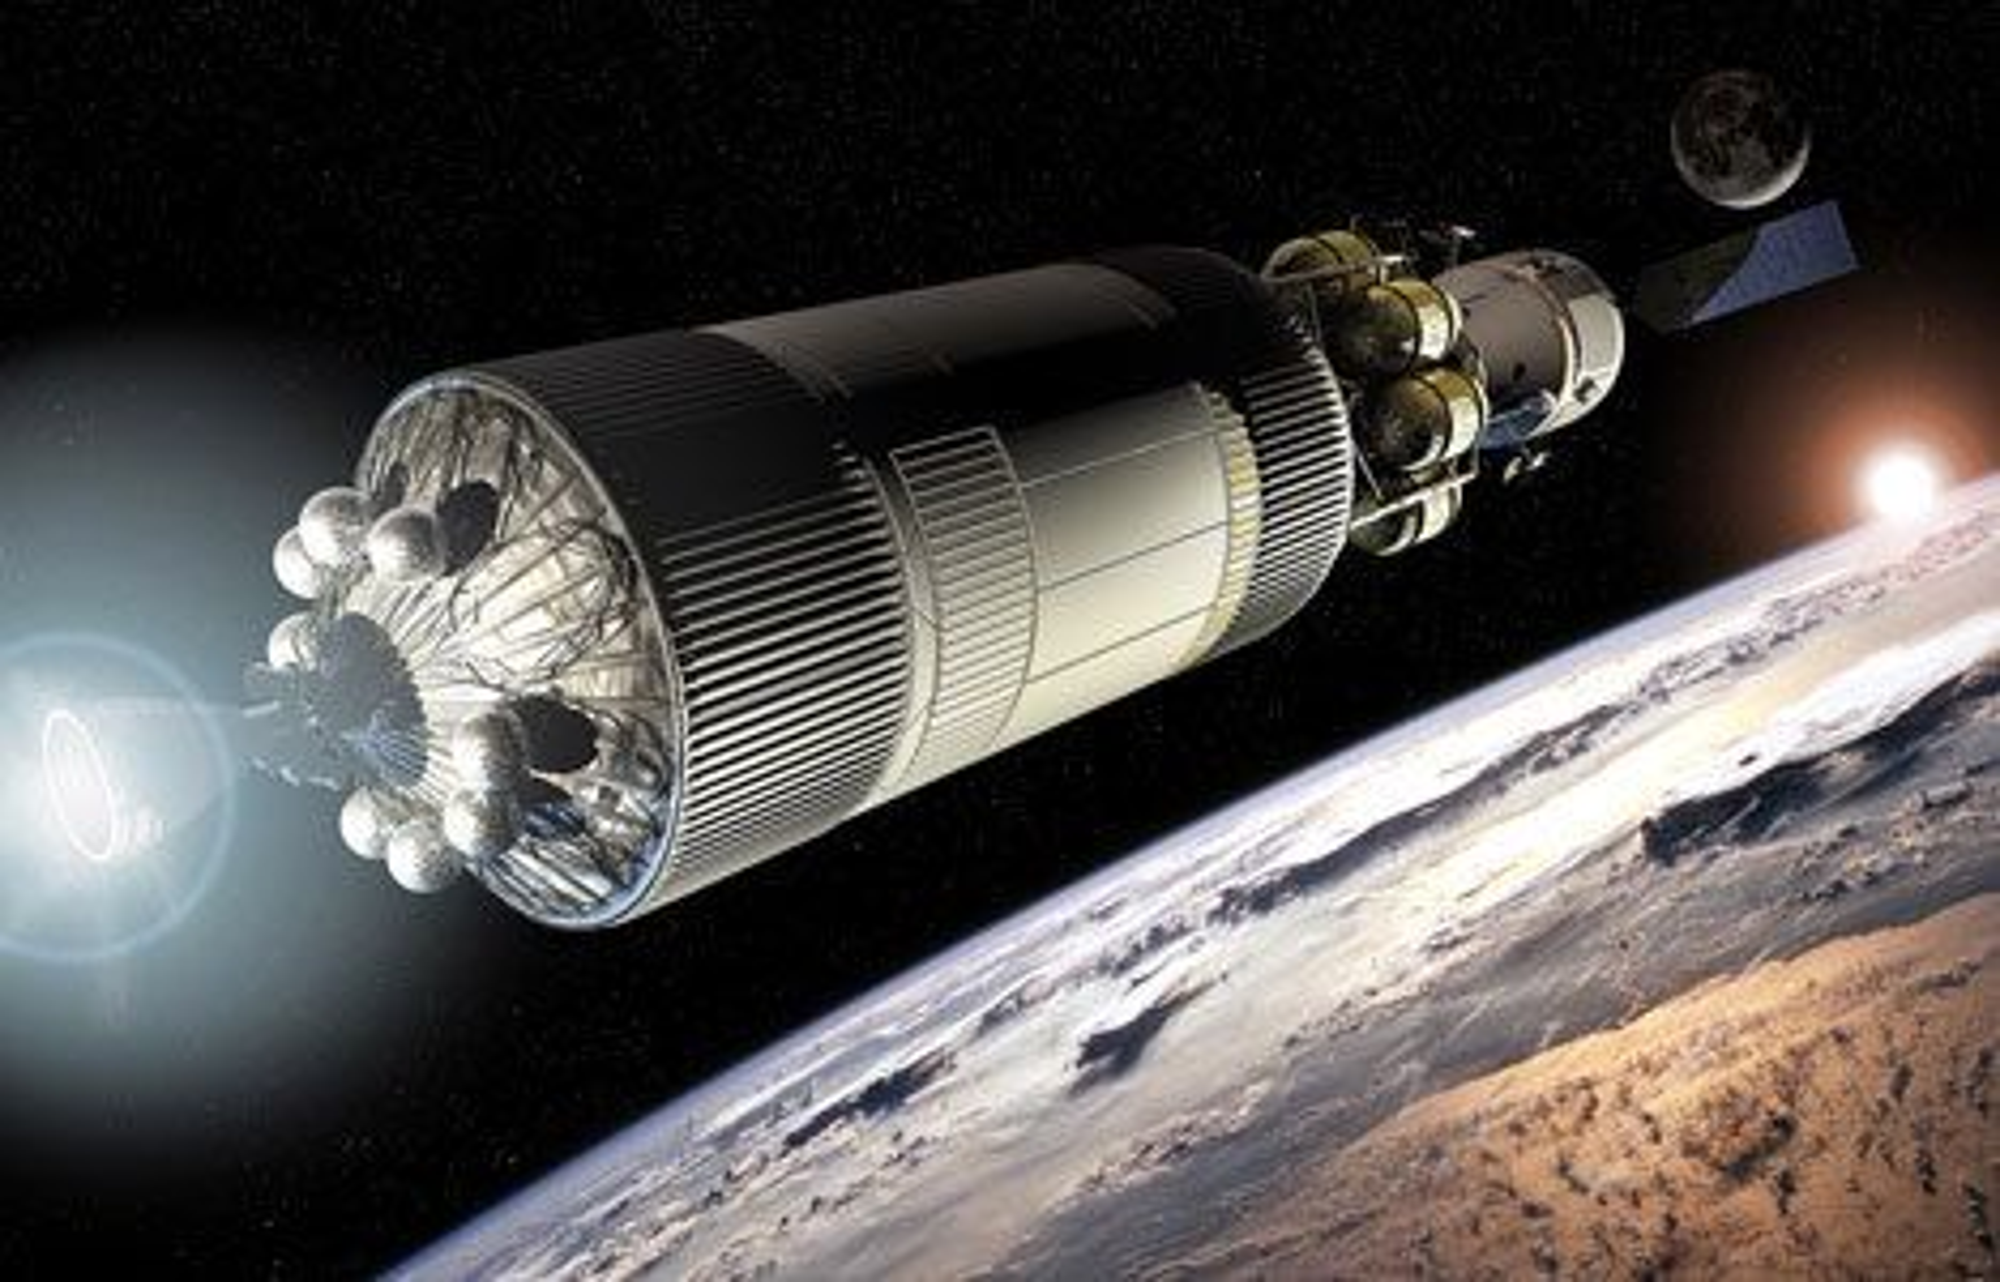 HELT NYTT: Det er et helt nytt romferdssystem Nasa nå utvikler, for ferder til Månen (og videre). Problemstillingene er mange, en av de viktigere er ifølge NASA hvordan de skal få de månereisende helskinnede tilbake til jorden etter ferden.